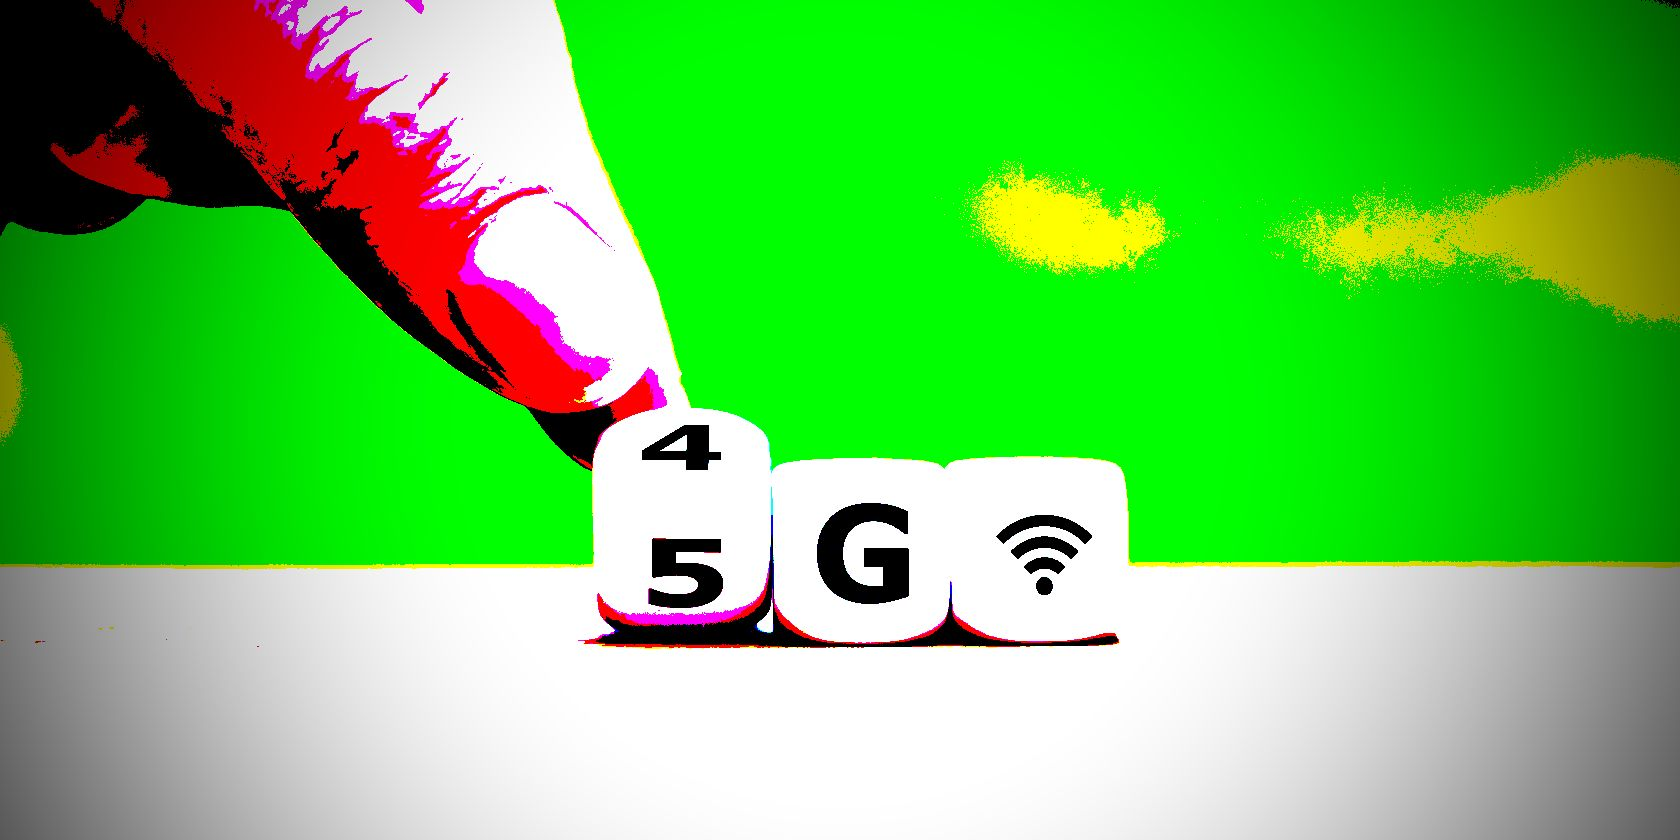 5G vs. 4G: Which Is Quicker?